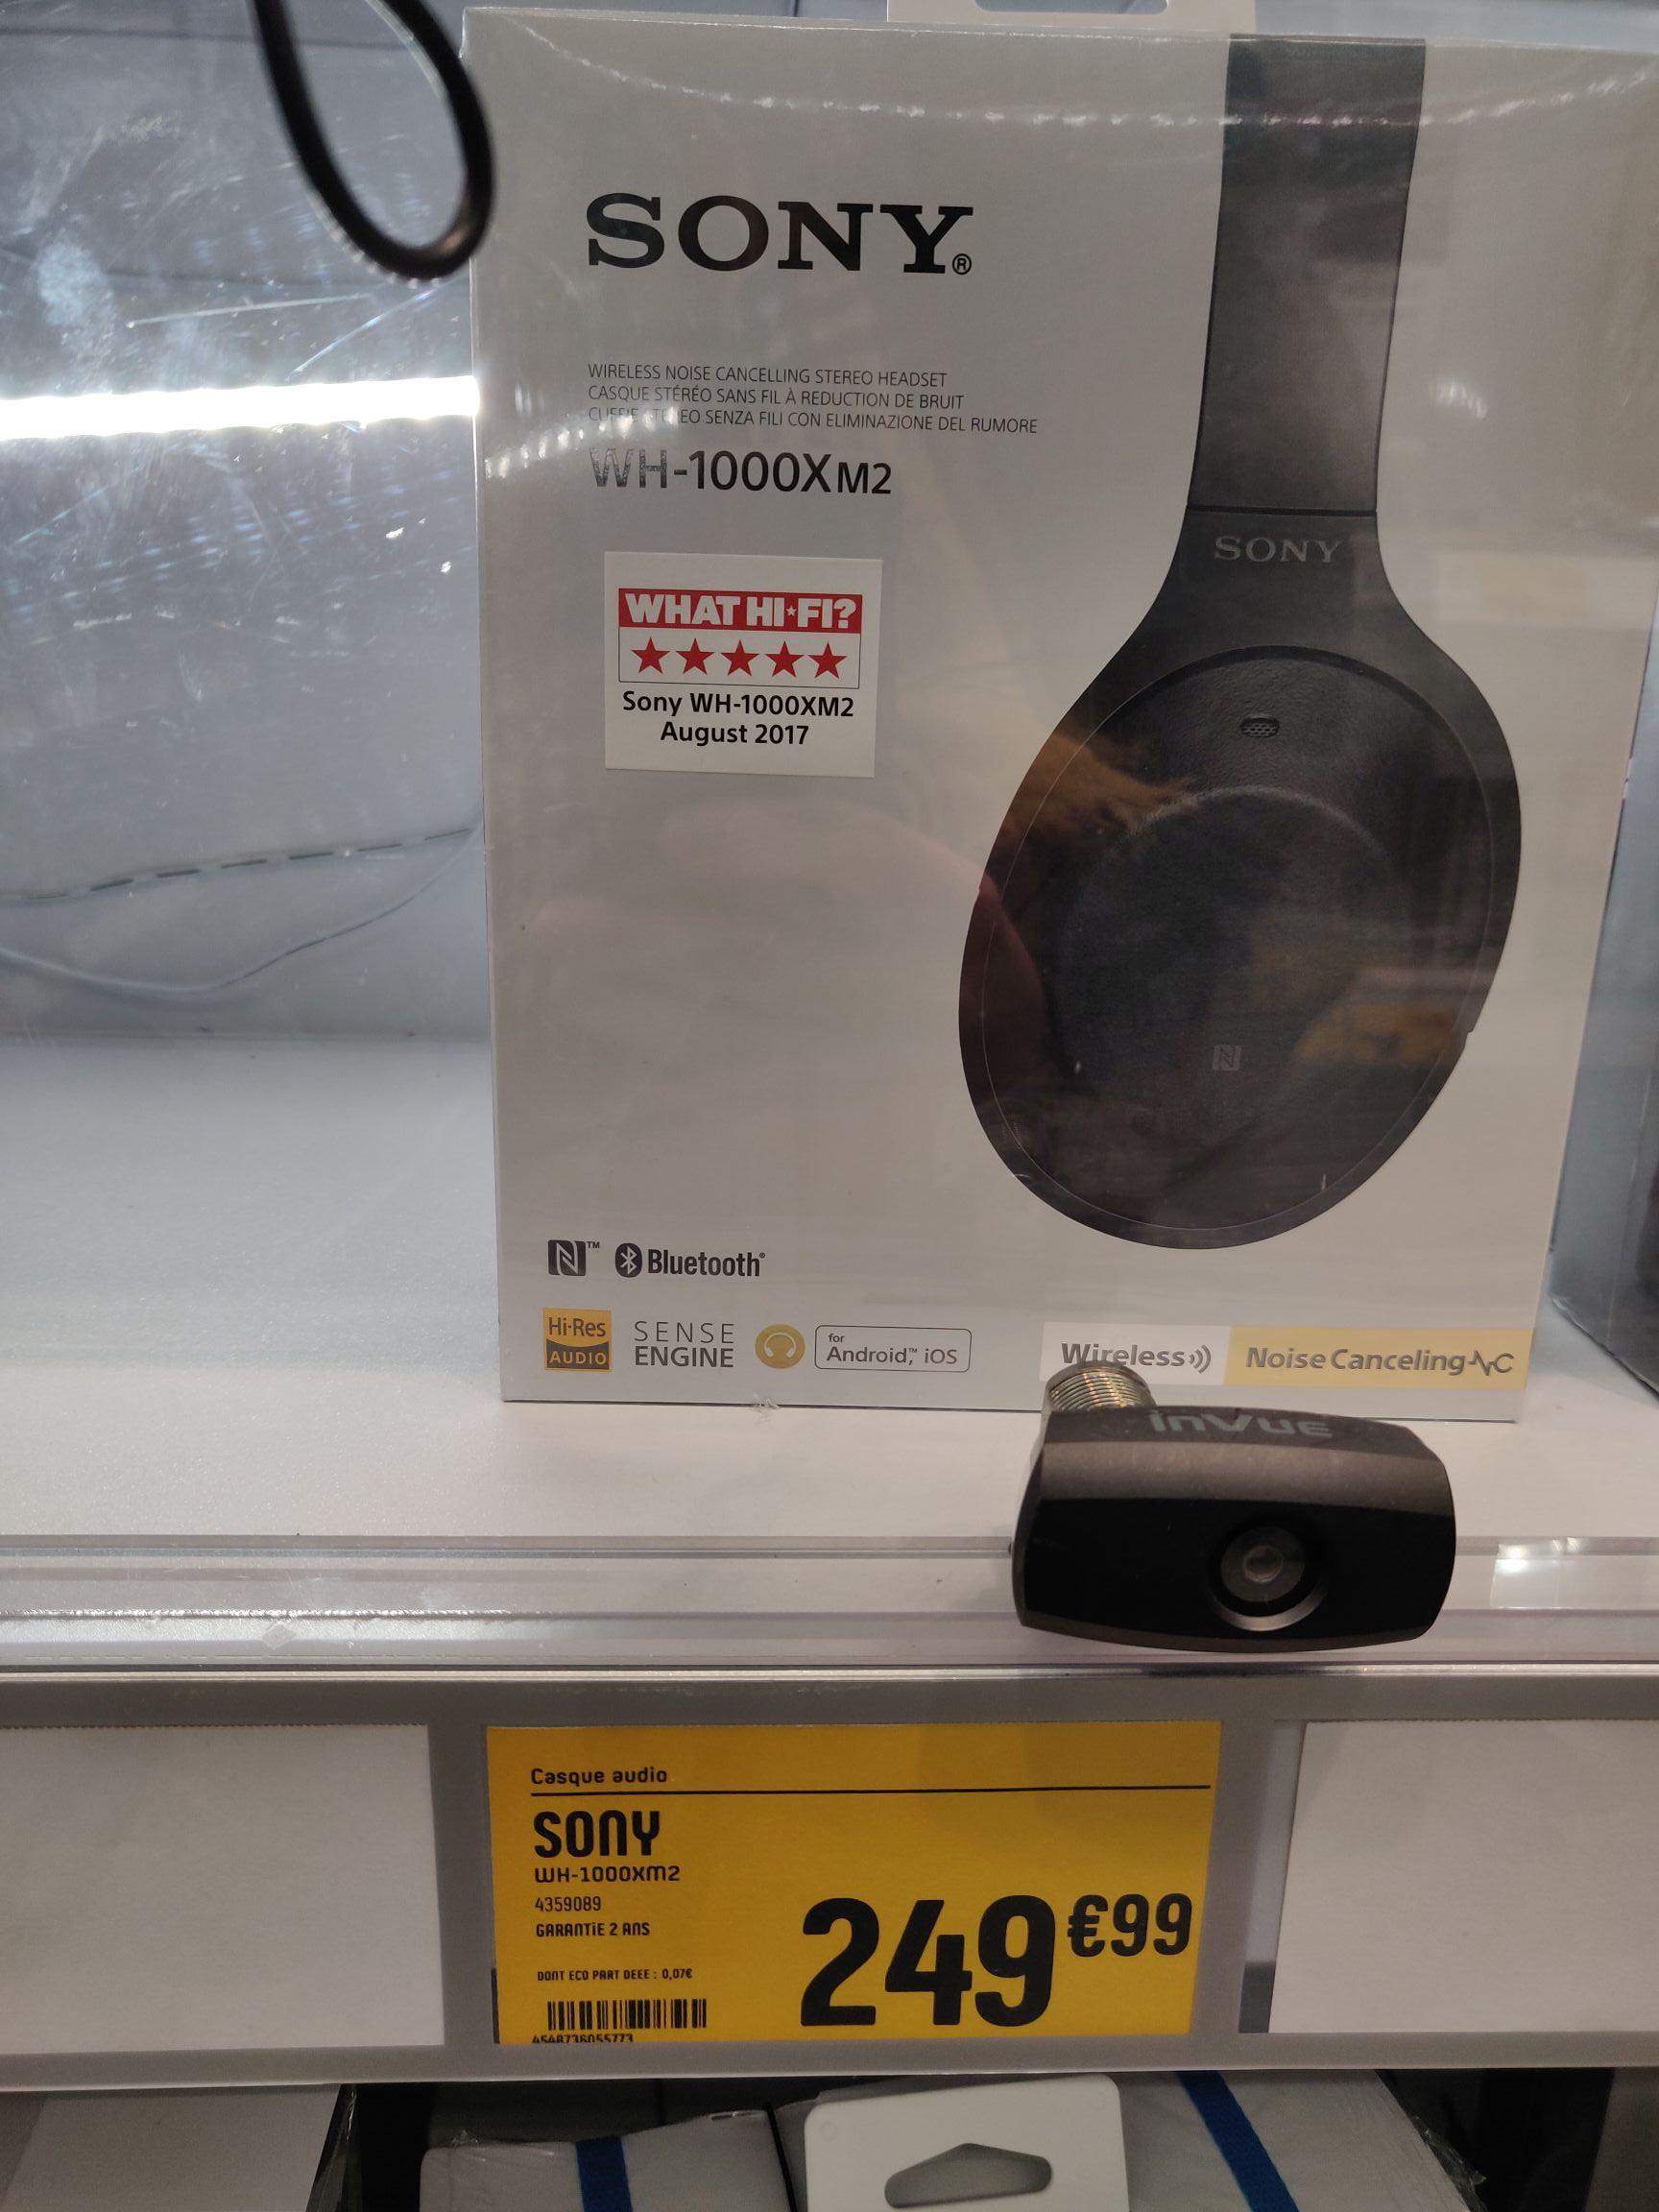 Casque Bluetooth à réduction de bruit Sony WH-1000XM2 - Bay 2 Torcy (77)